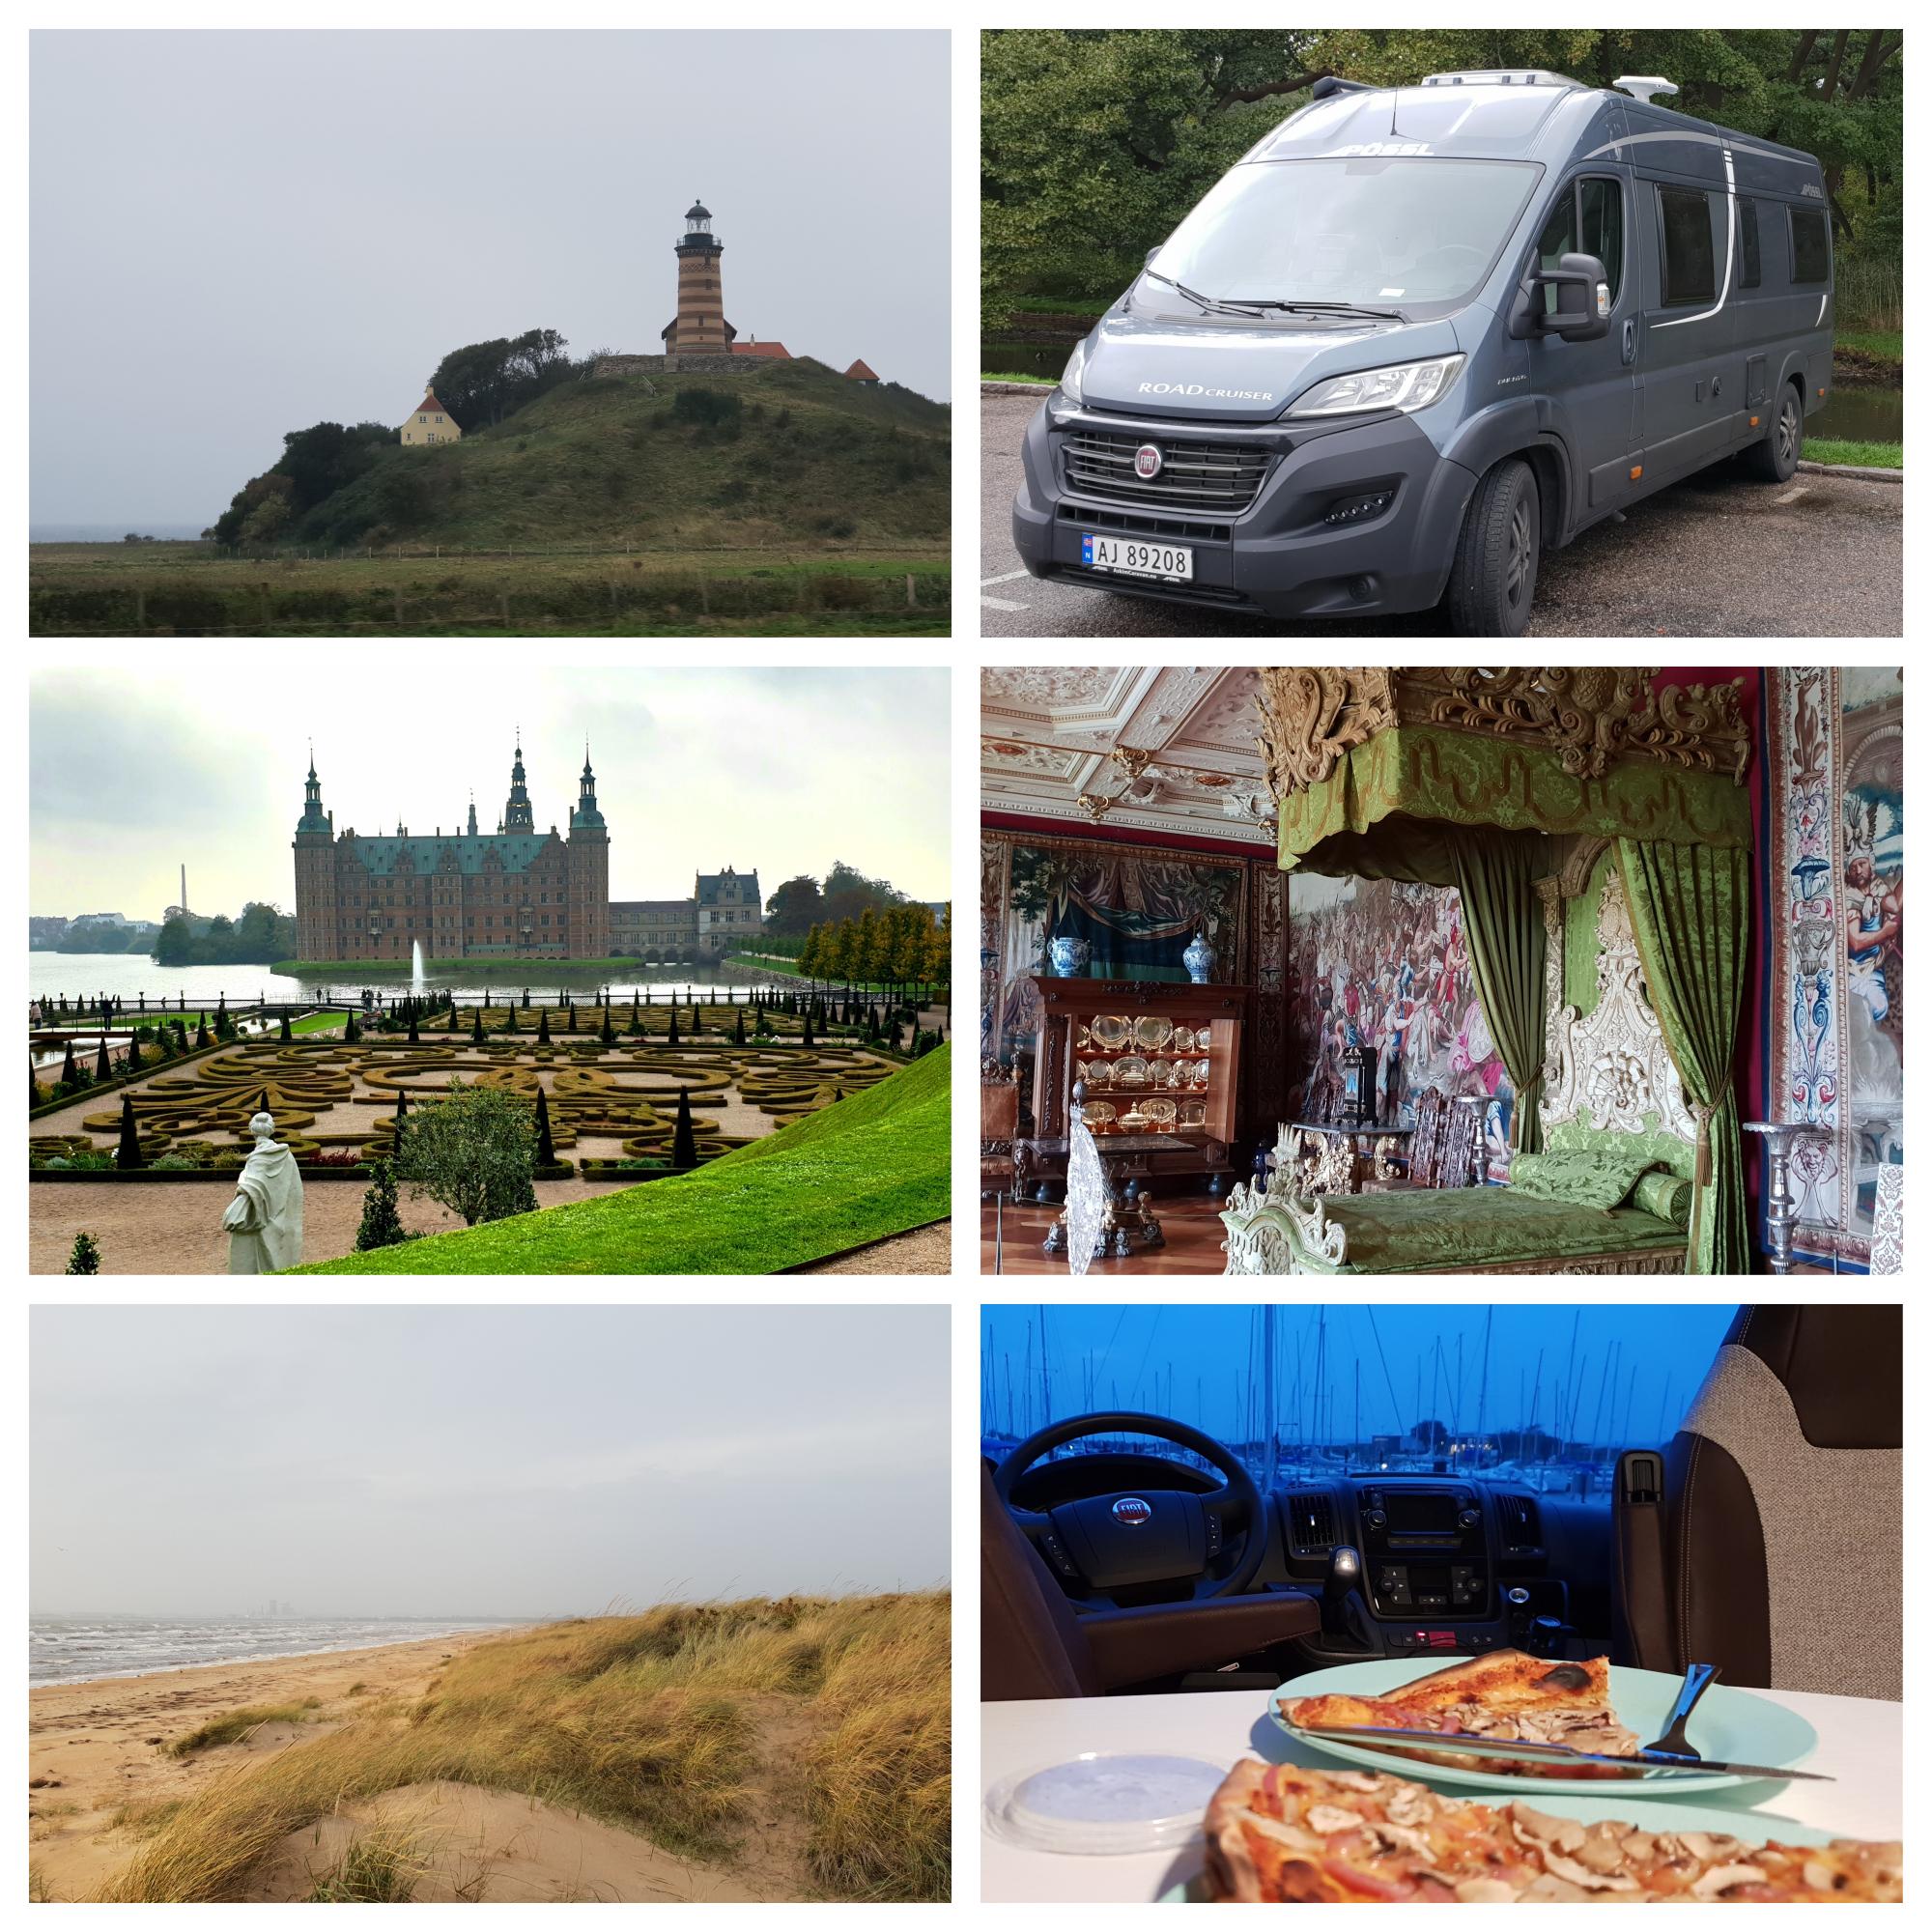 Bobilreise med slottsbesøk i Danmark